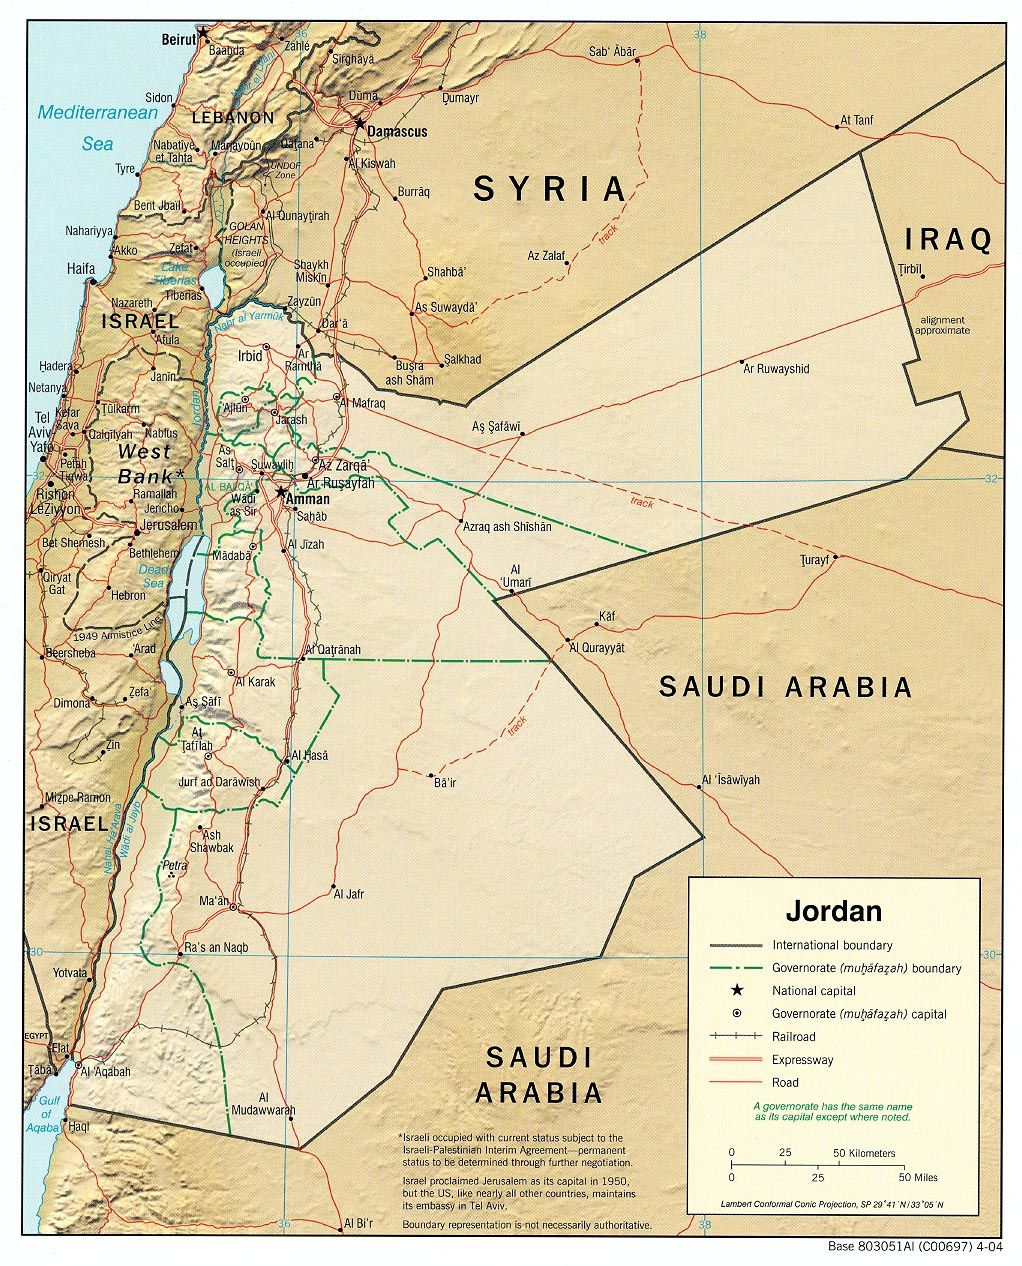 Jordanie-Israel-Mer-Morte-et-regions-BlogOuvert.jpg